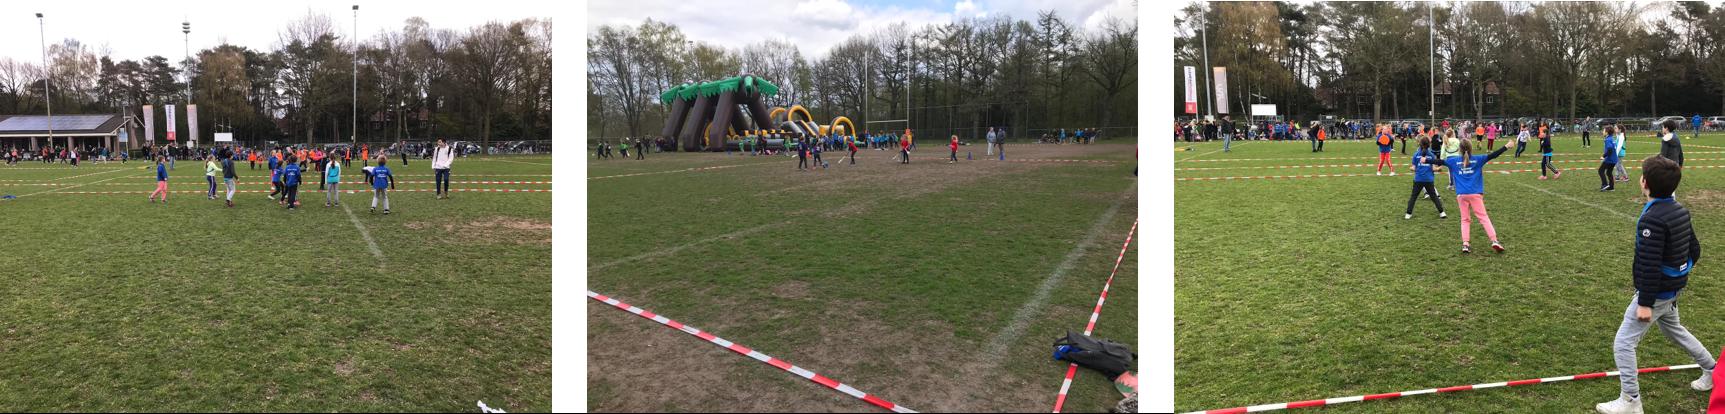 Natuurlijk Gezond Oisterwijk - 2450 kinderen sporten met een lach op hun gezicht